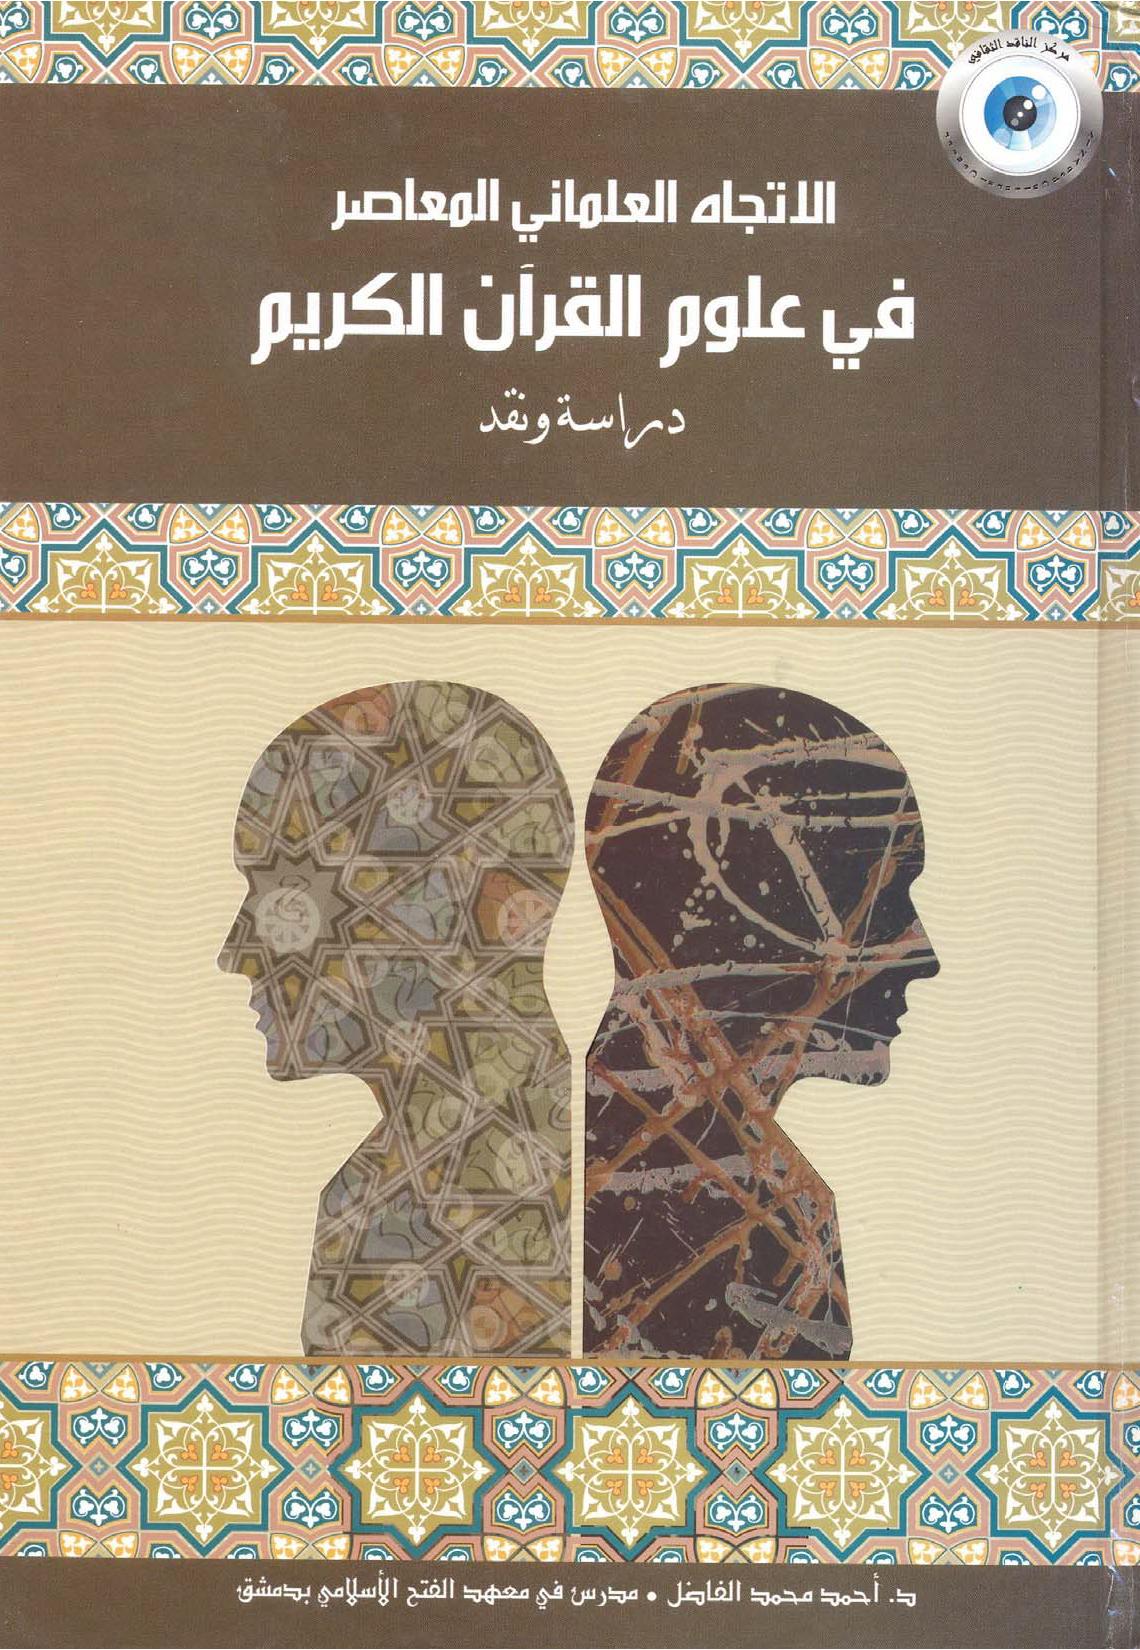 تحميل كتاب الاتجاه العلماني المعاصر في علوم القرآن الكريم (دراسة ونقد) لـِ: الدكتور أحمد محمد الفاضل